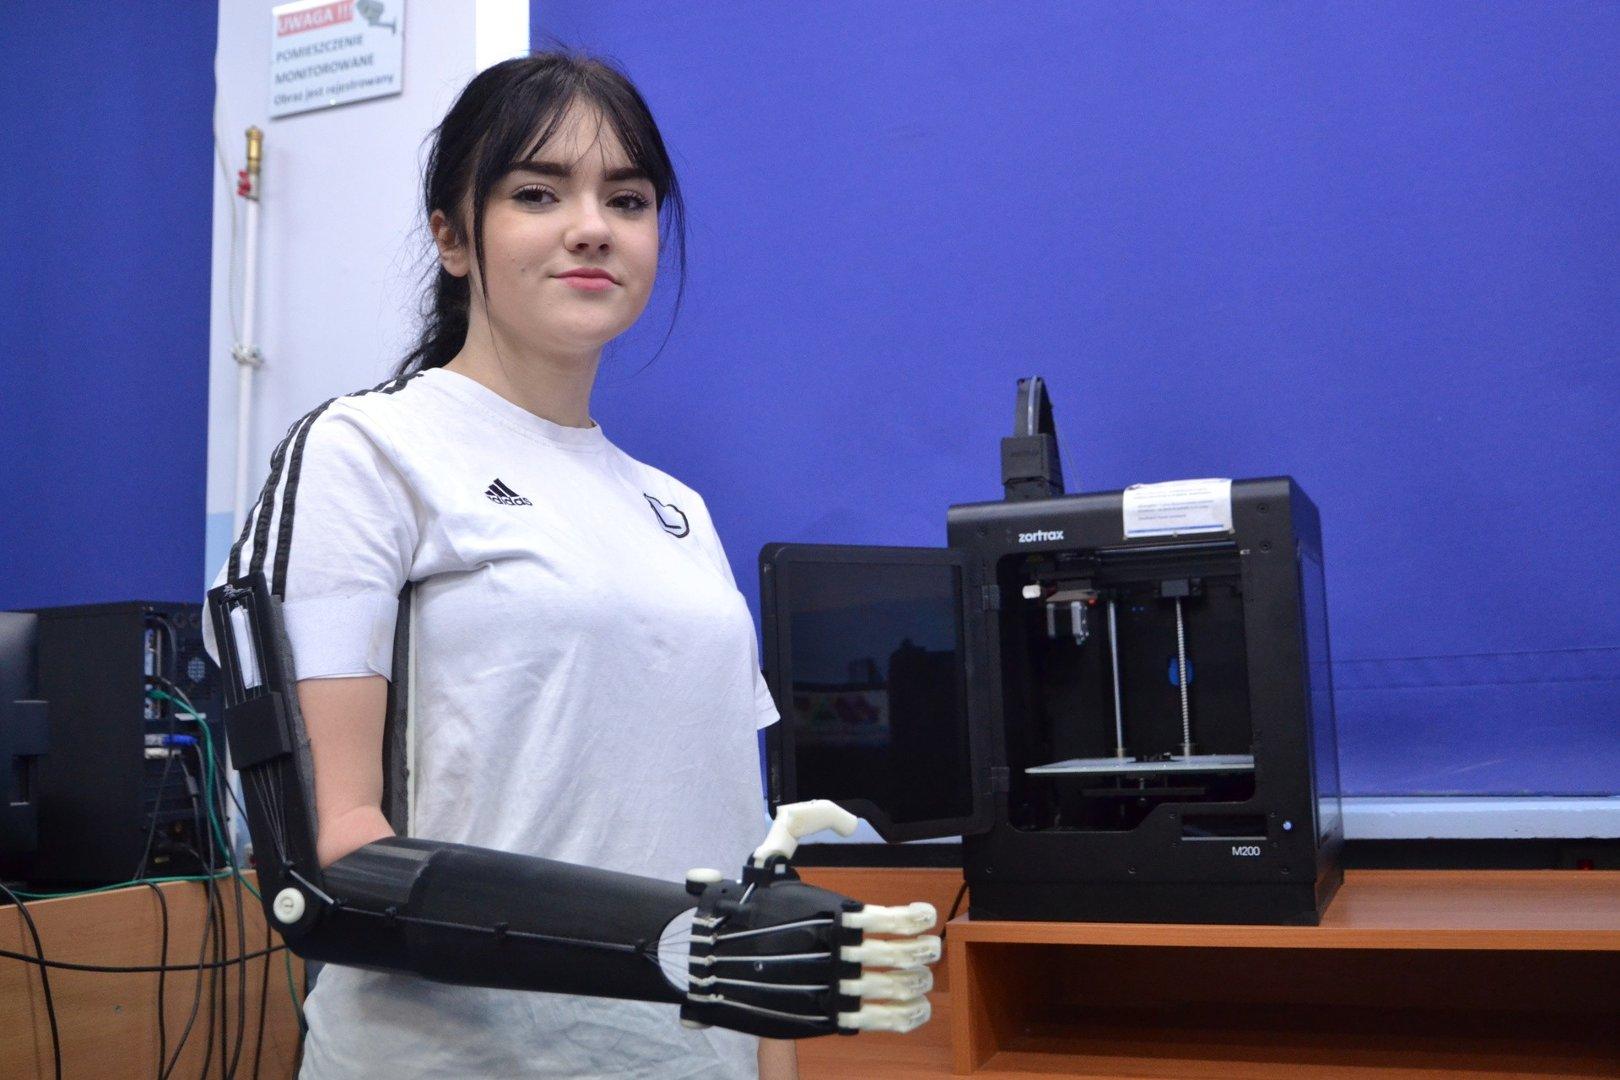 W Ultra Proteza ręki, którą wykonali dla Kingi uczniowie jarosławskiego WN79